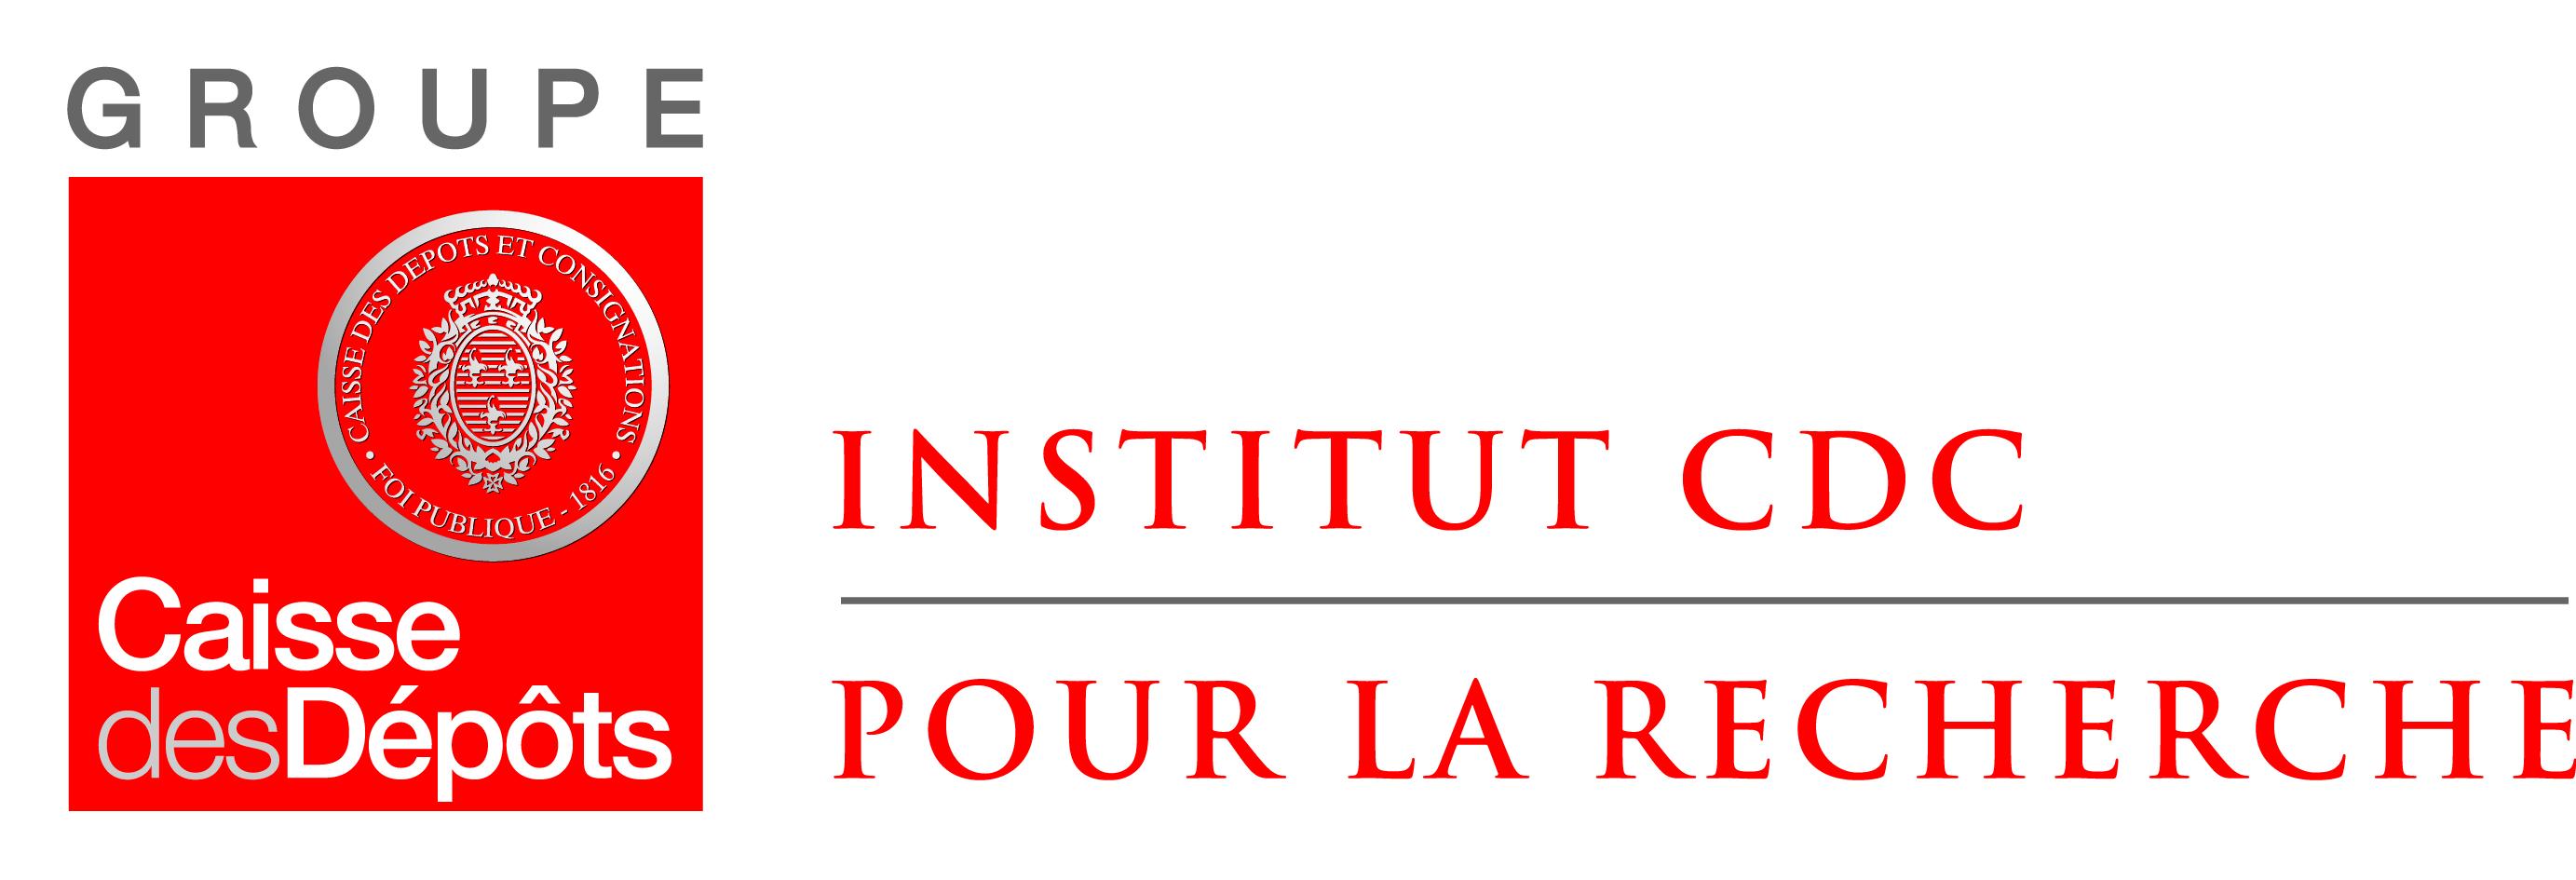 Logo_Institut_CDC_quadri.jpg